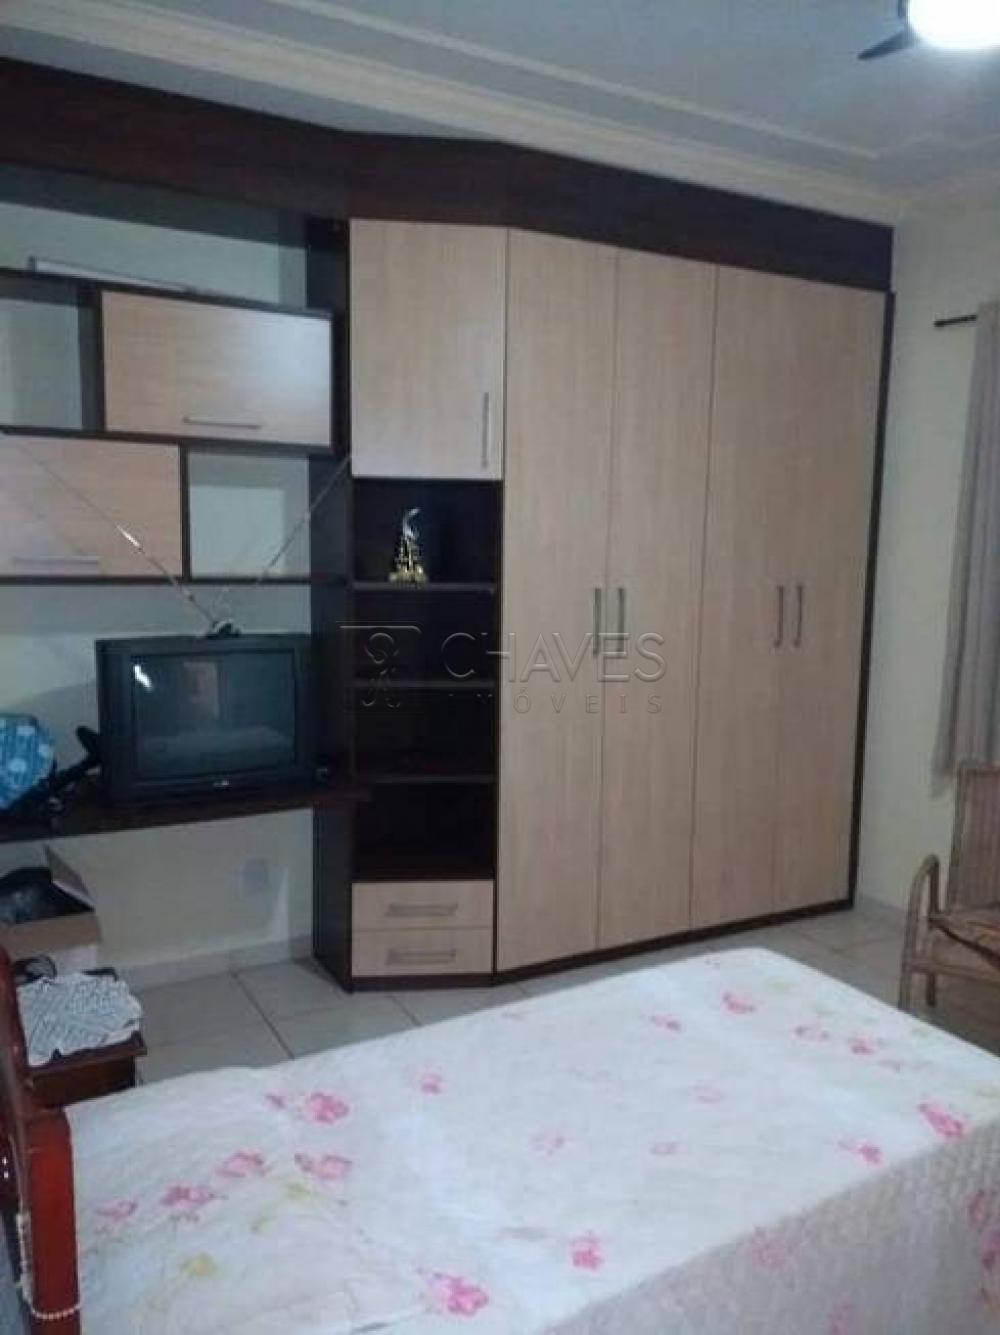 Comprar Casa / Condomínio em Bonfim Paulista R$ 1.280.000,00 - Foto 14